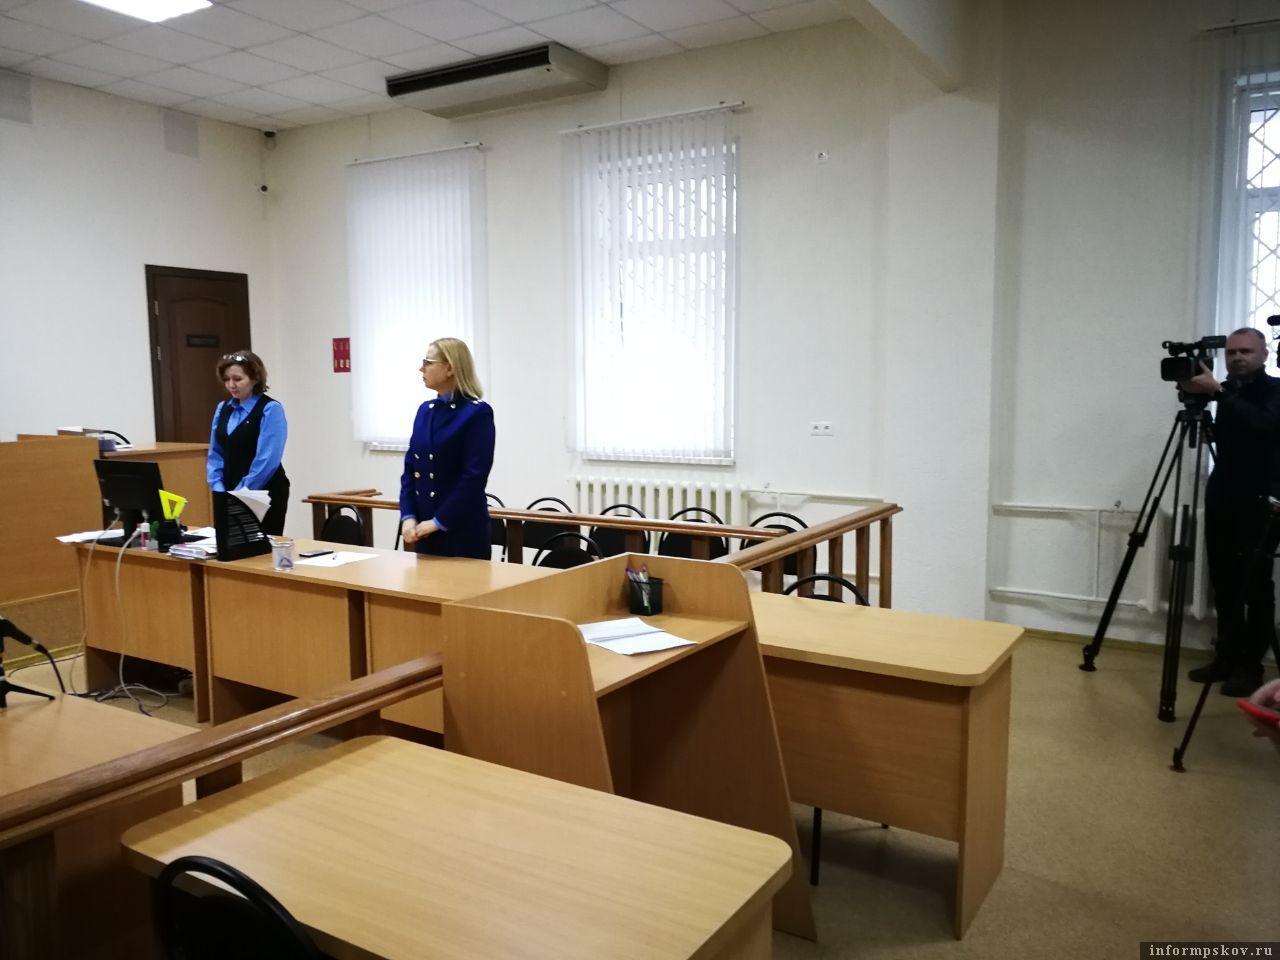 Оглашен приговор экс-заместителю губернатора Псковской области. Фото здесь и далее Михаил Синев и Дарья Хваткова